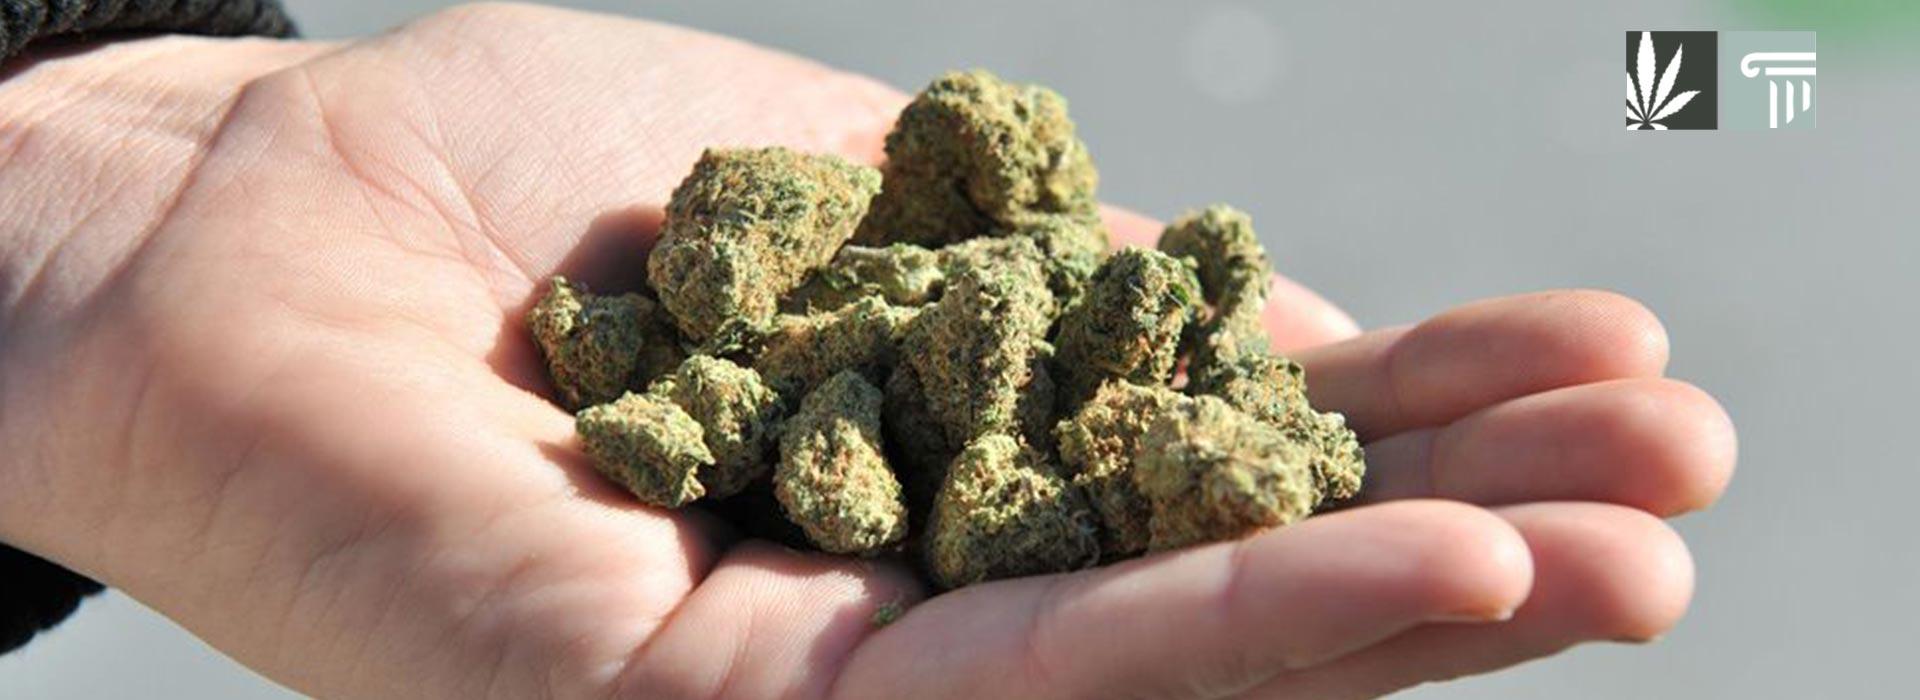 louisiana decriminalization